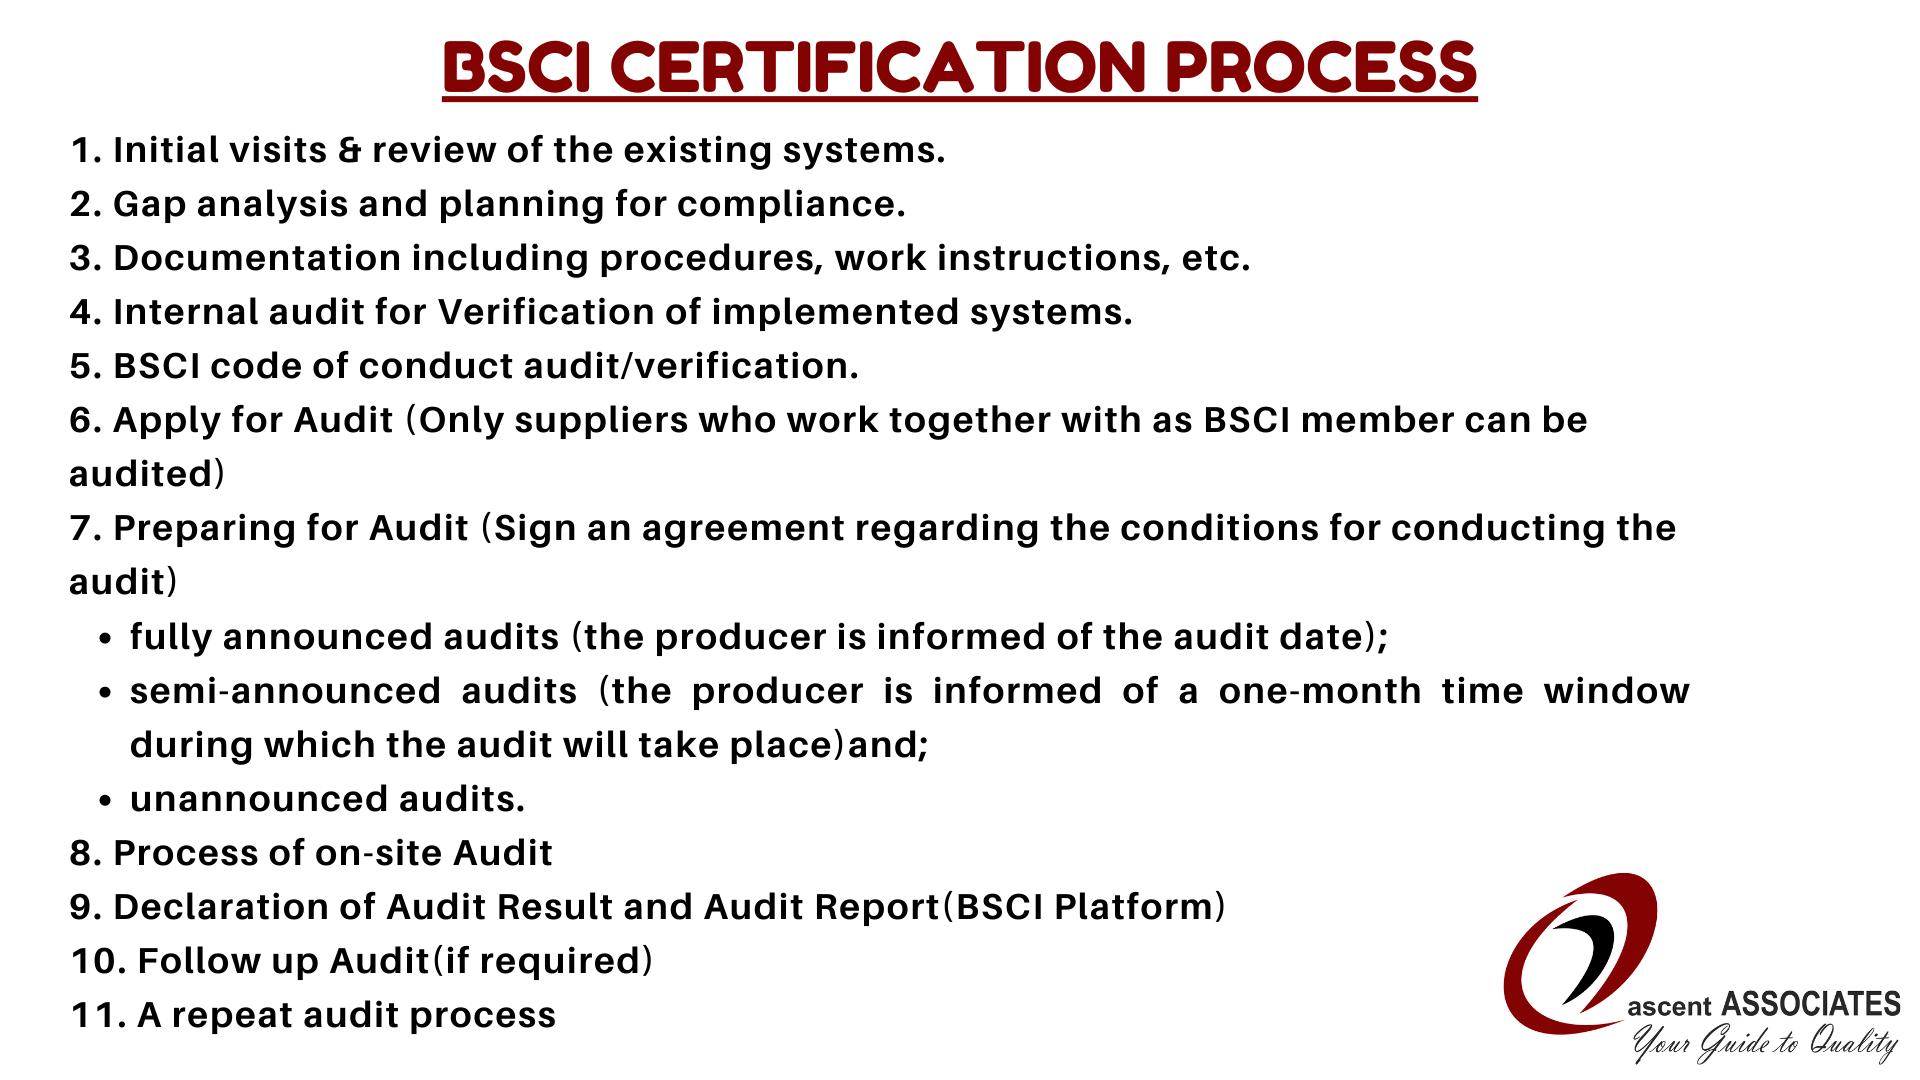 BSCI Certification process in Sri Lanka